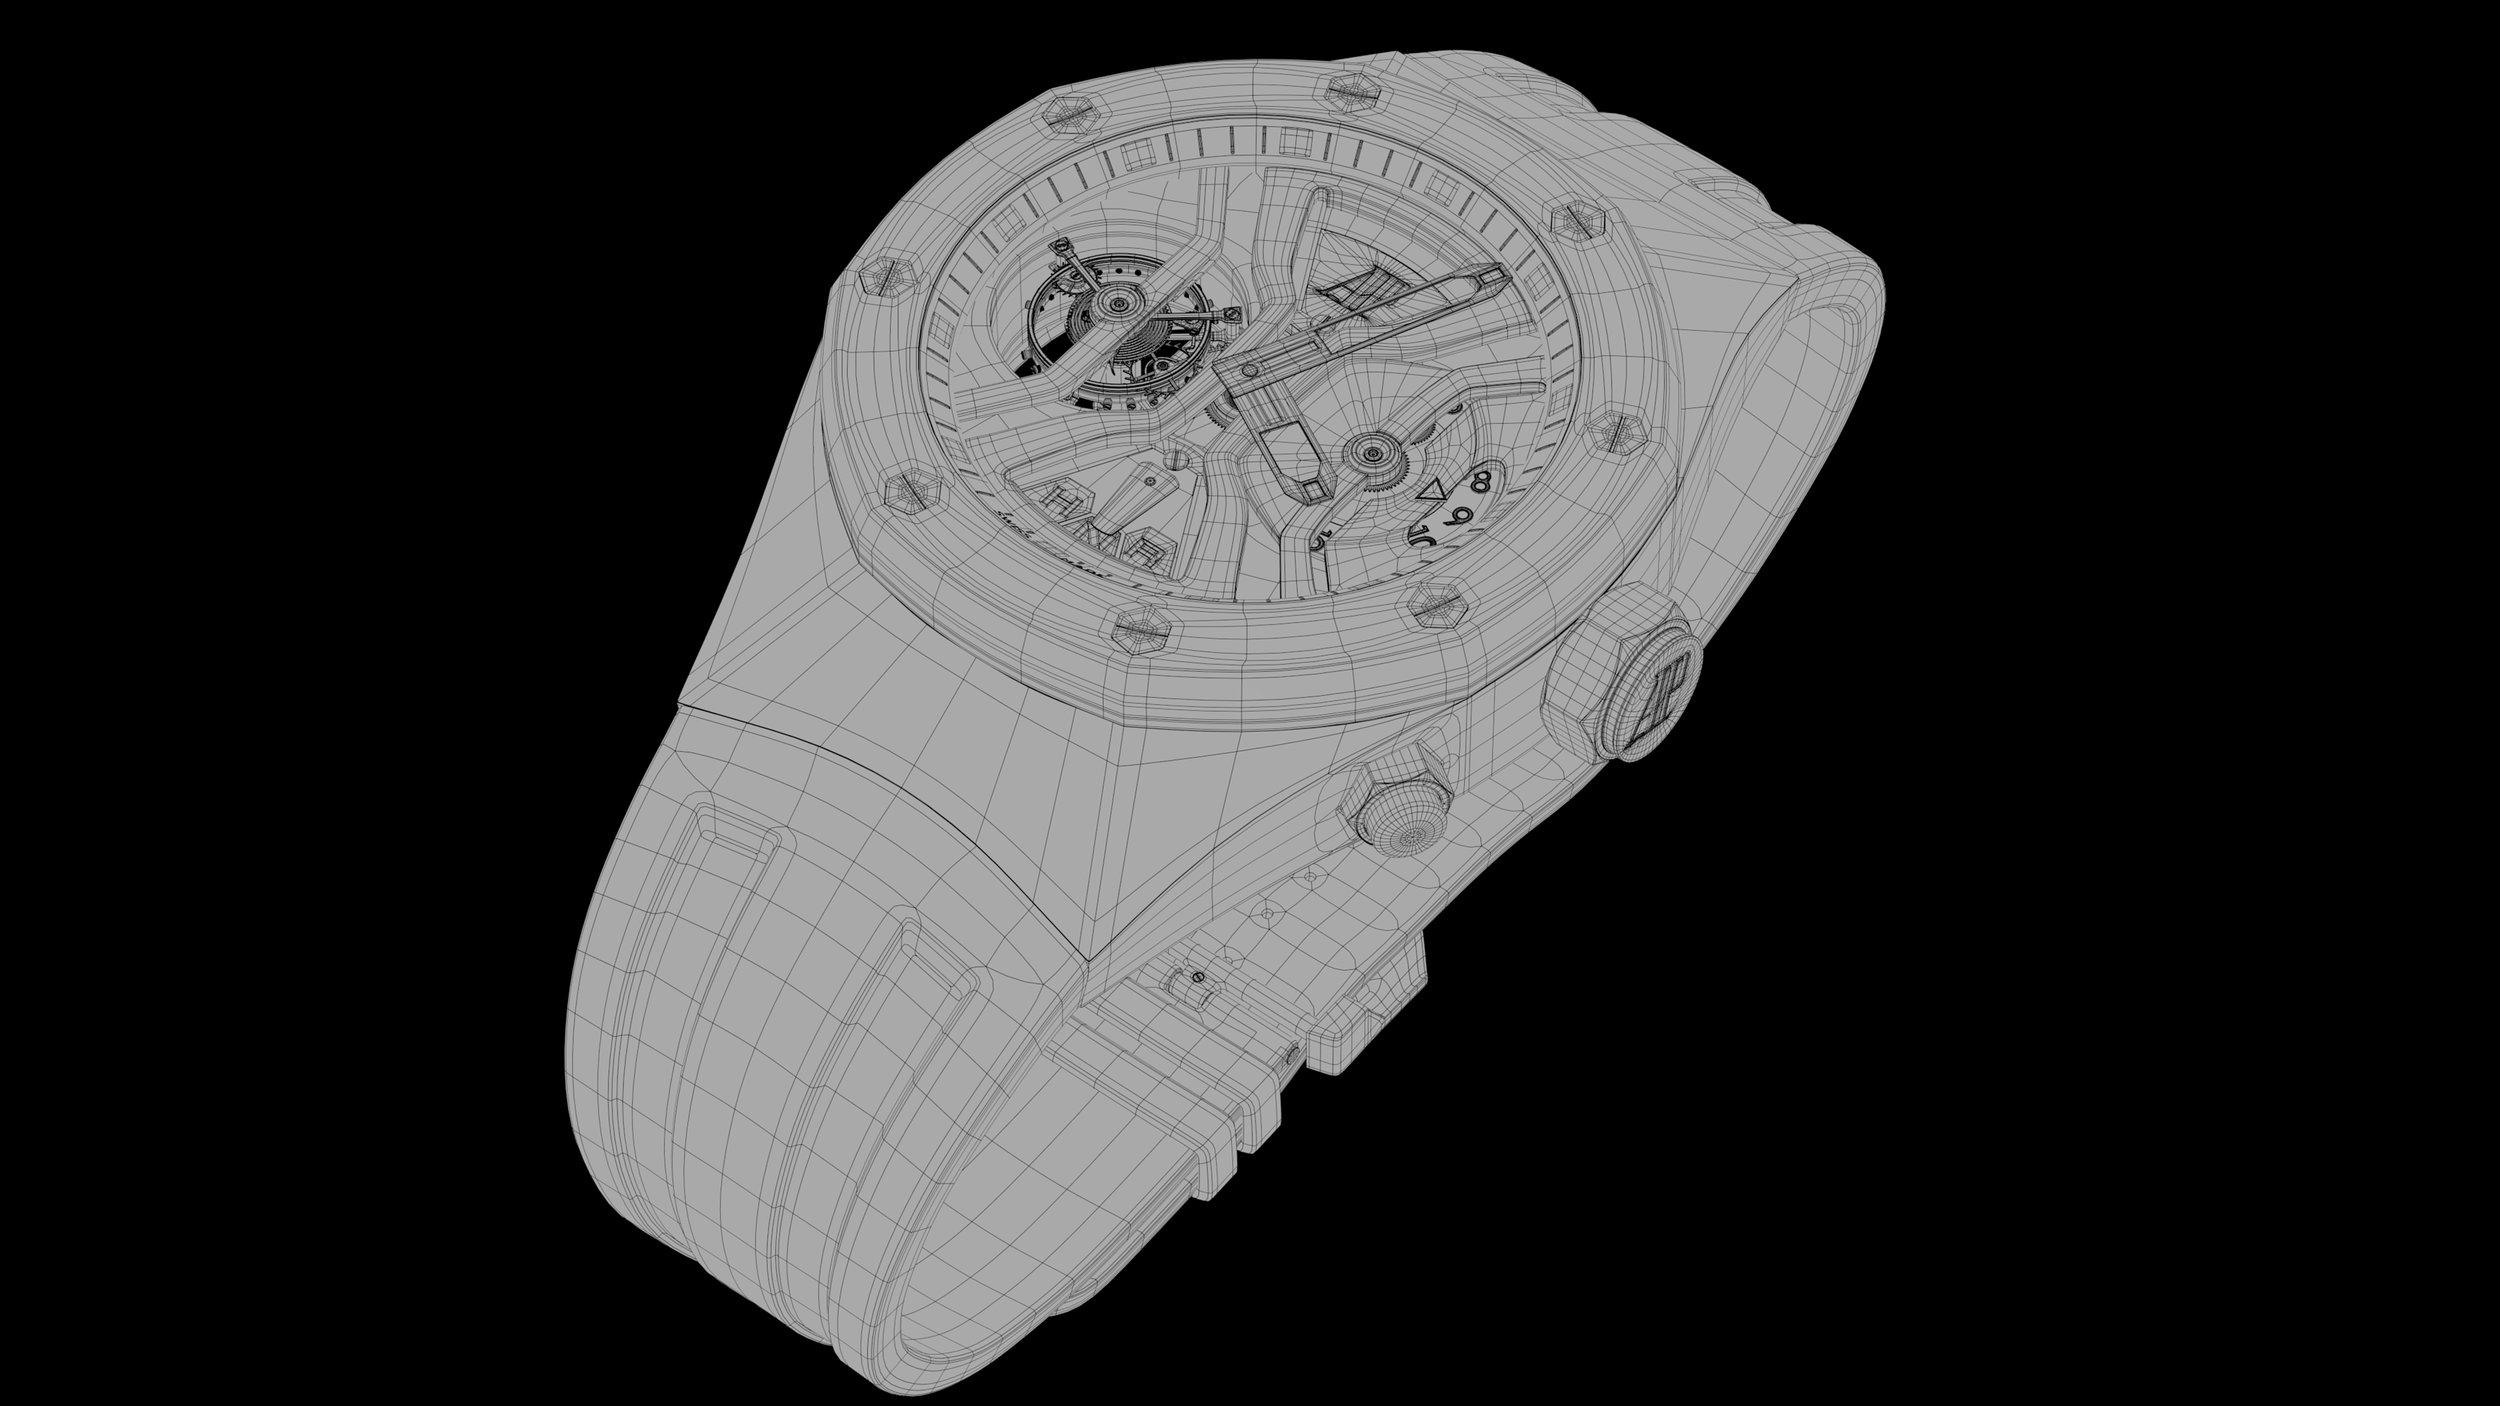 Audemars Piguet Royal Oak Concept GMT Tourbillon Wrist Watch